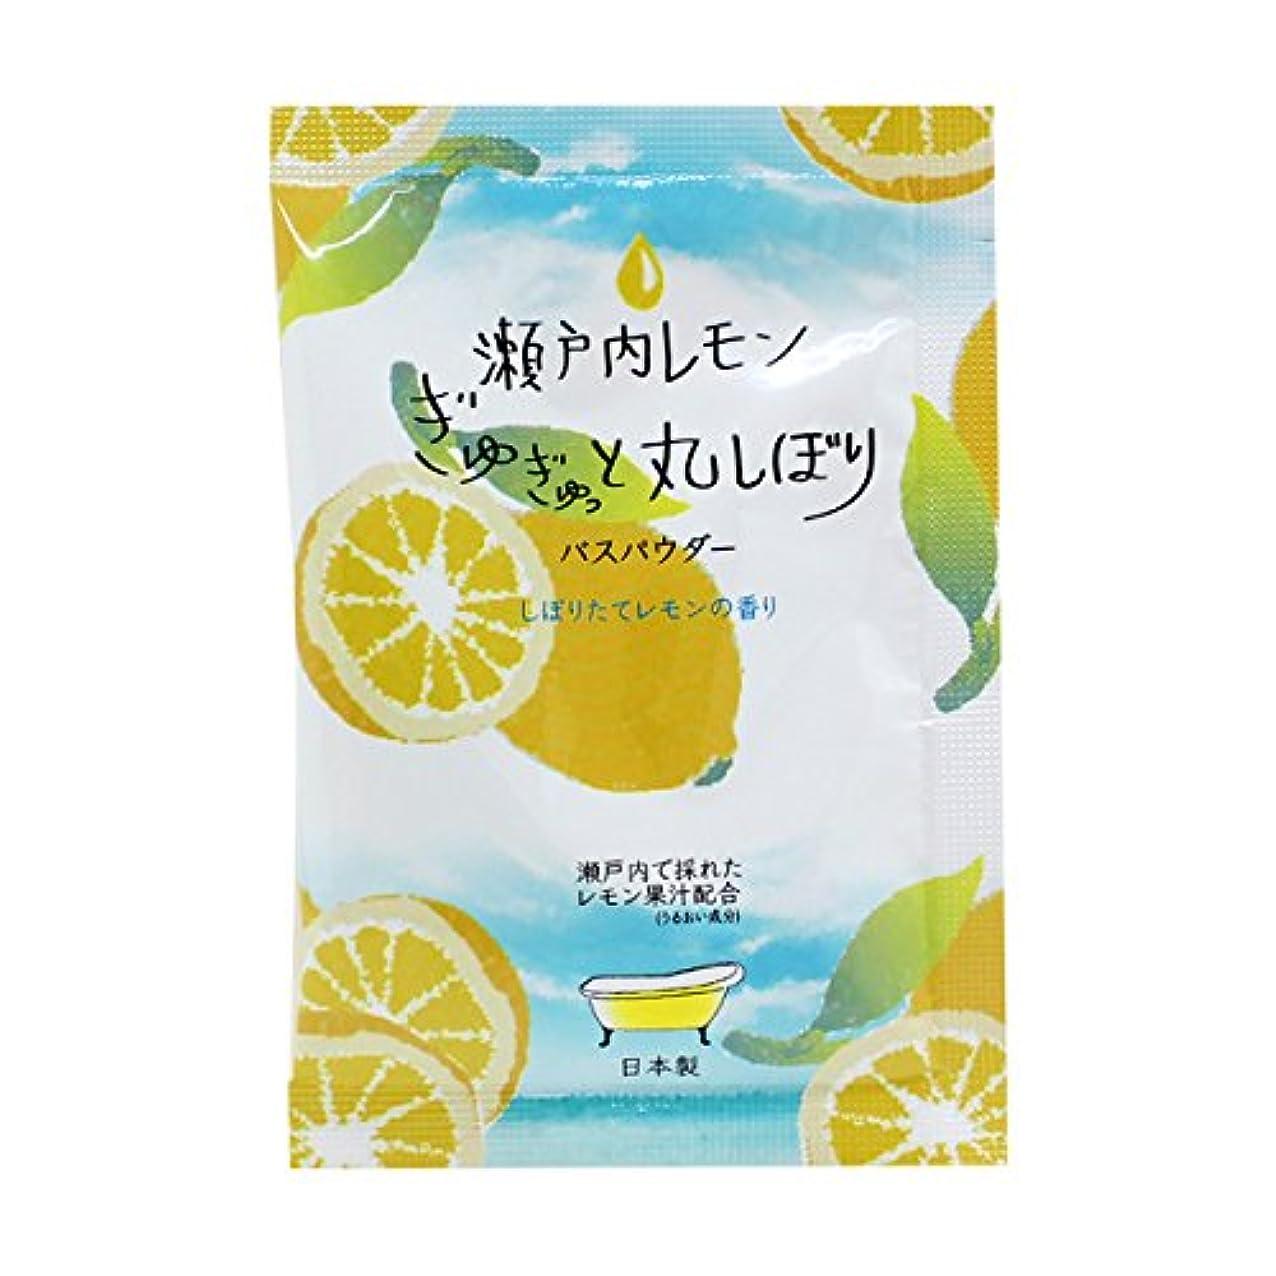 狂気願う恥ずかしさハーバルエクストラ リッチバスパウダー 「瀬戸内レモンの香り」30個